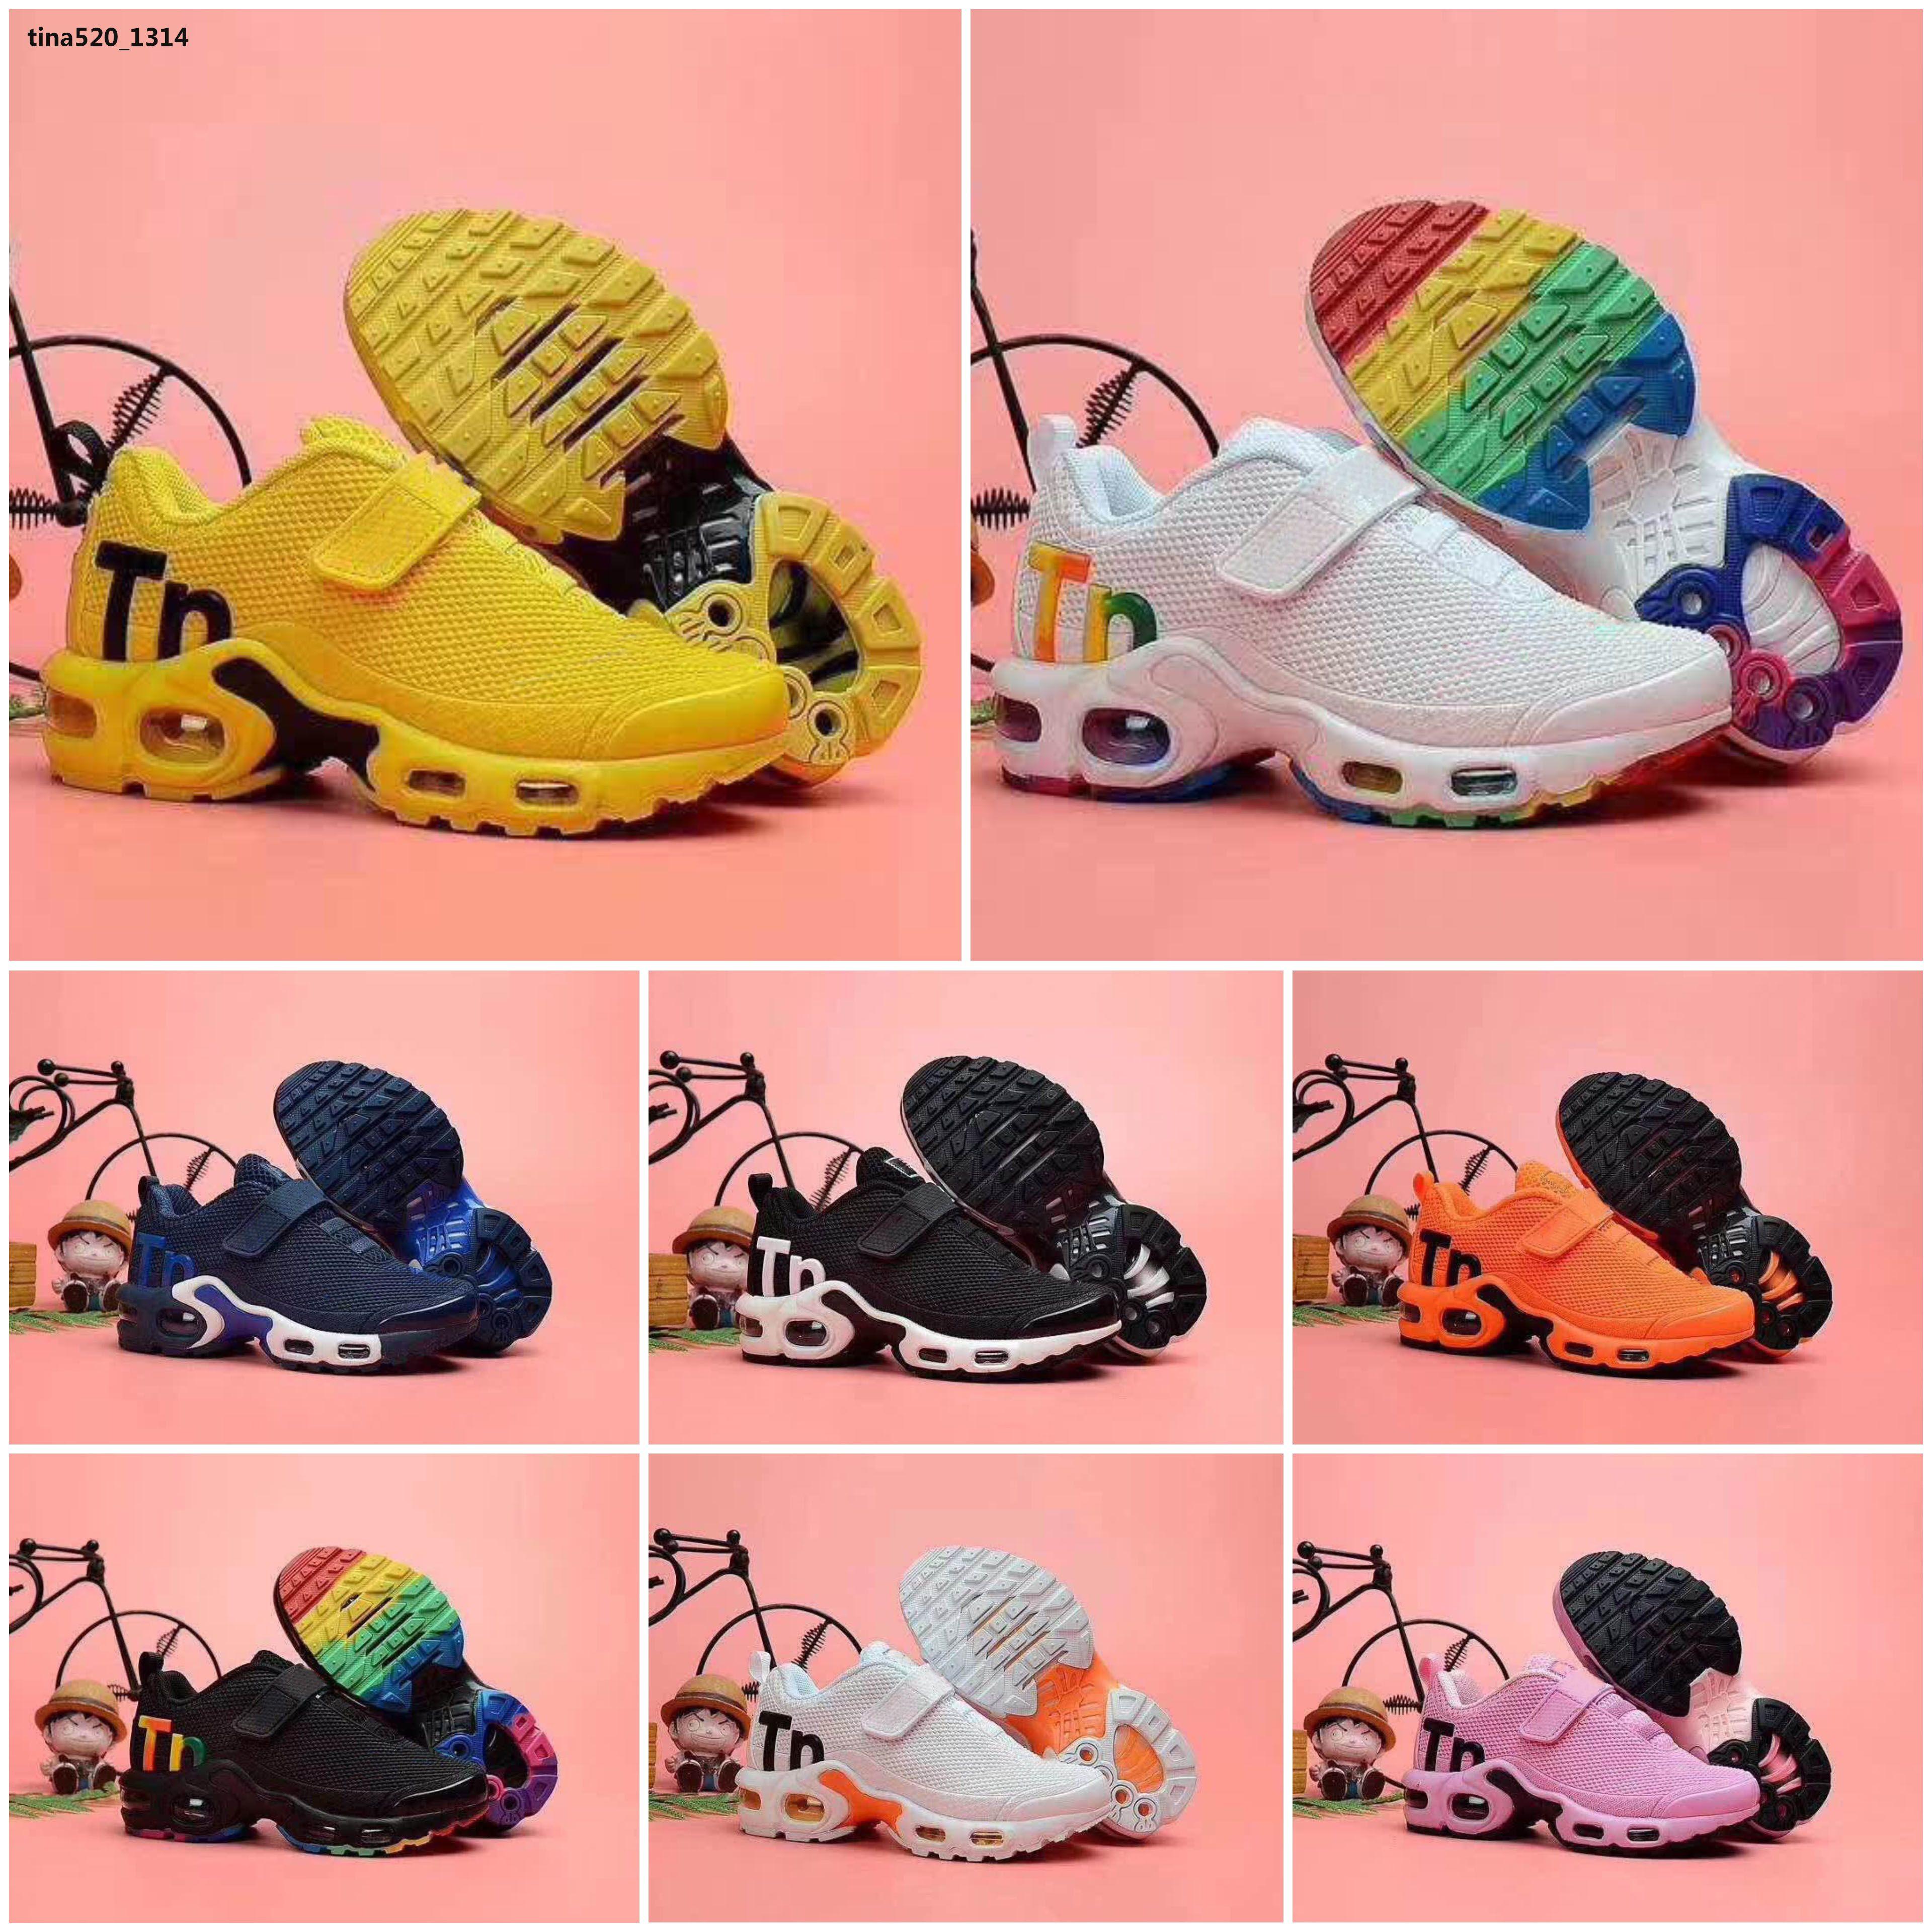 Mercurial Plus Tn 2019 Kinder TN Plus-Designer Sport Laufschuhe Kinder Jungen-Mädchen-Turnschuhe Tn Turnschuhe klassische Outdoor-Kleinkind-Schuh